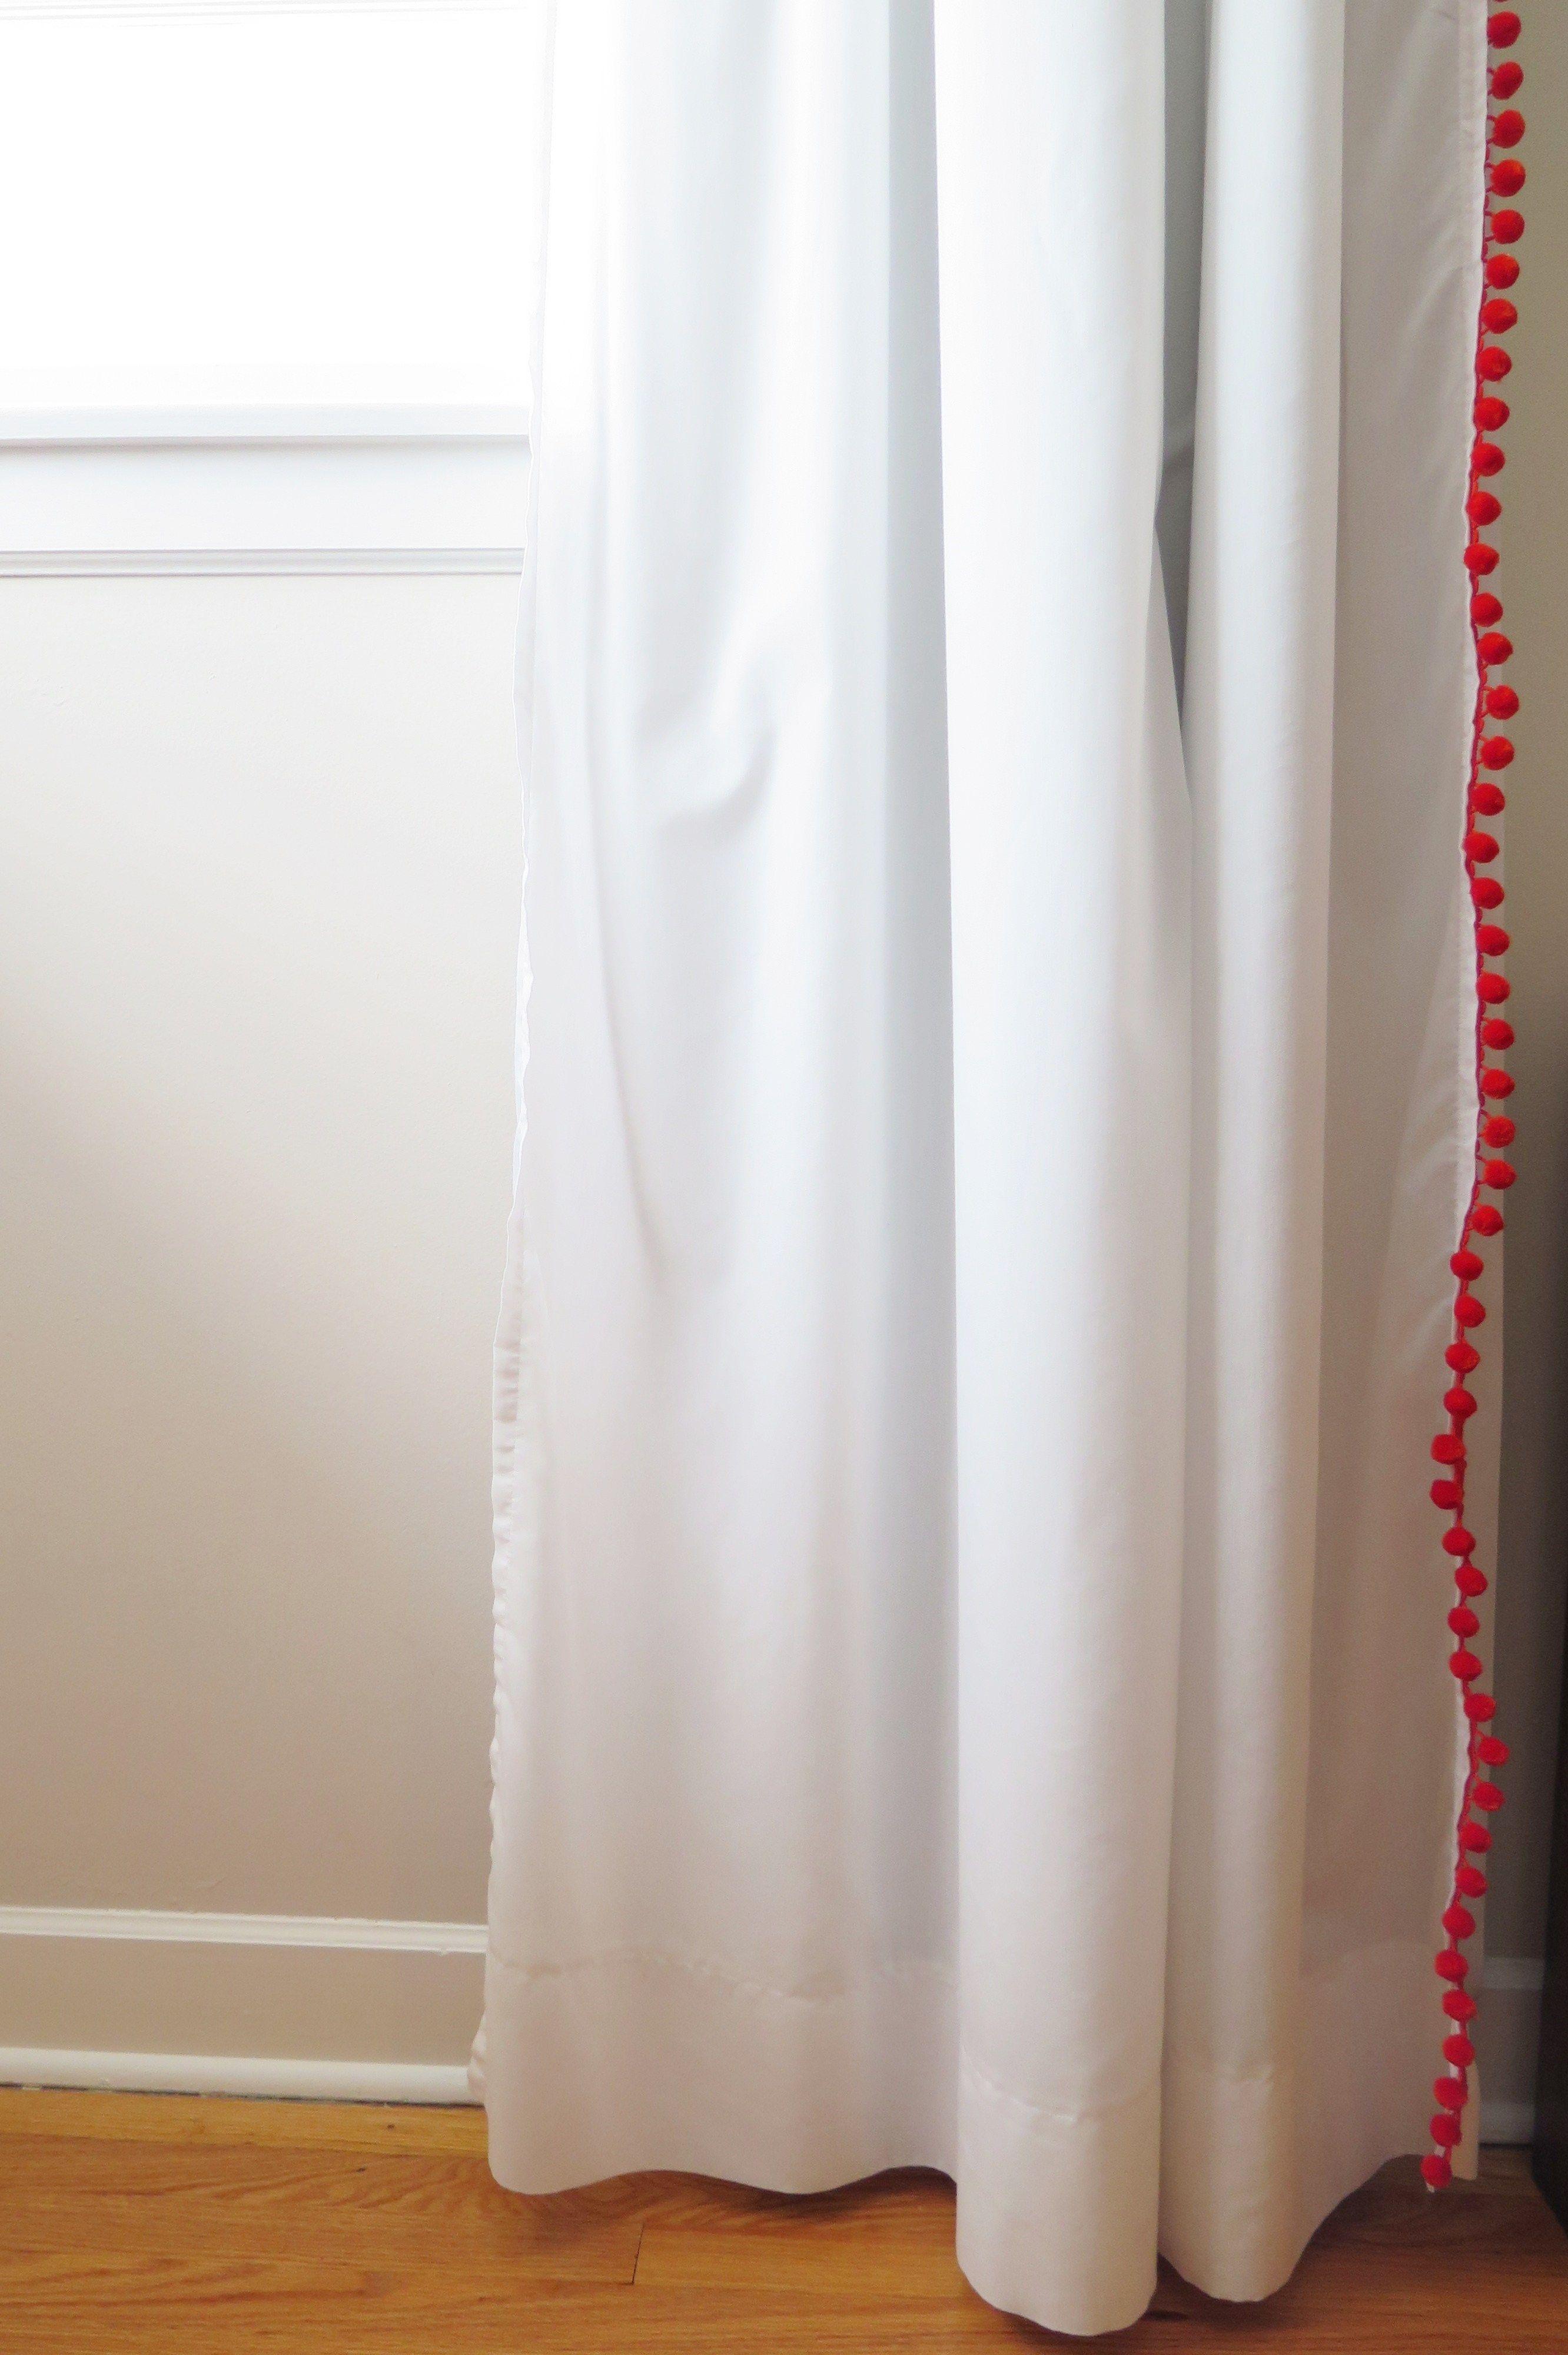 Diy Blackout Pom Pom Curtains Pom Pom Curtains Curtains Sheer Drapes